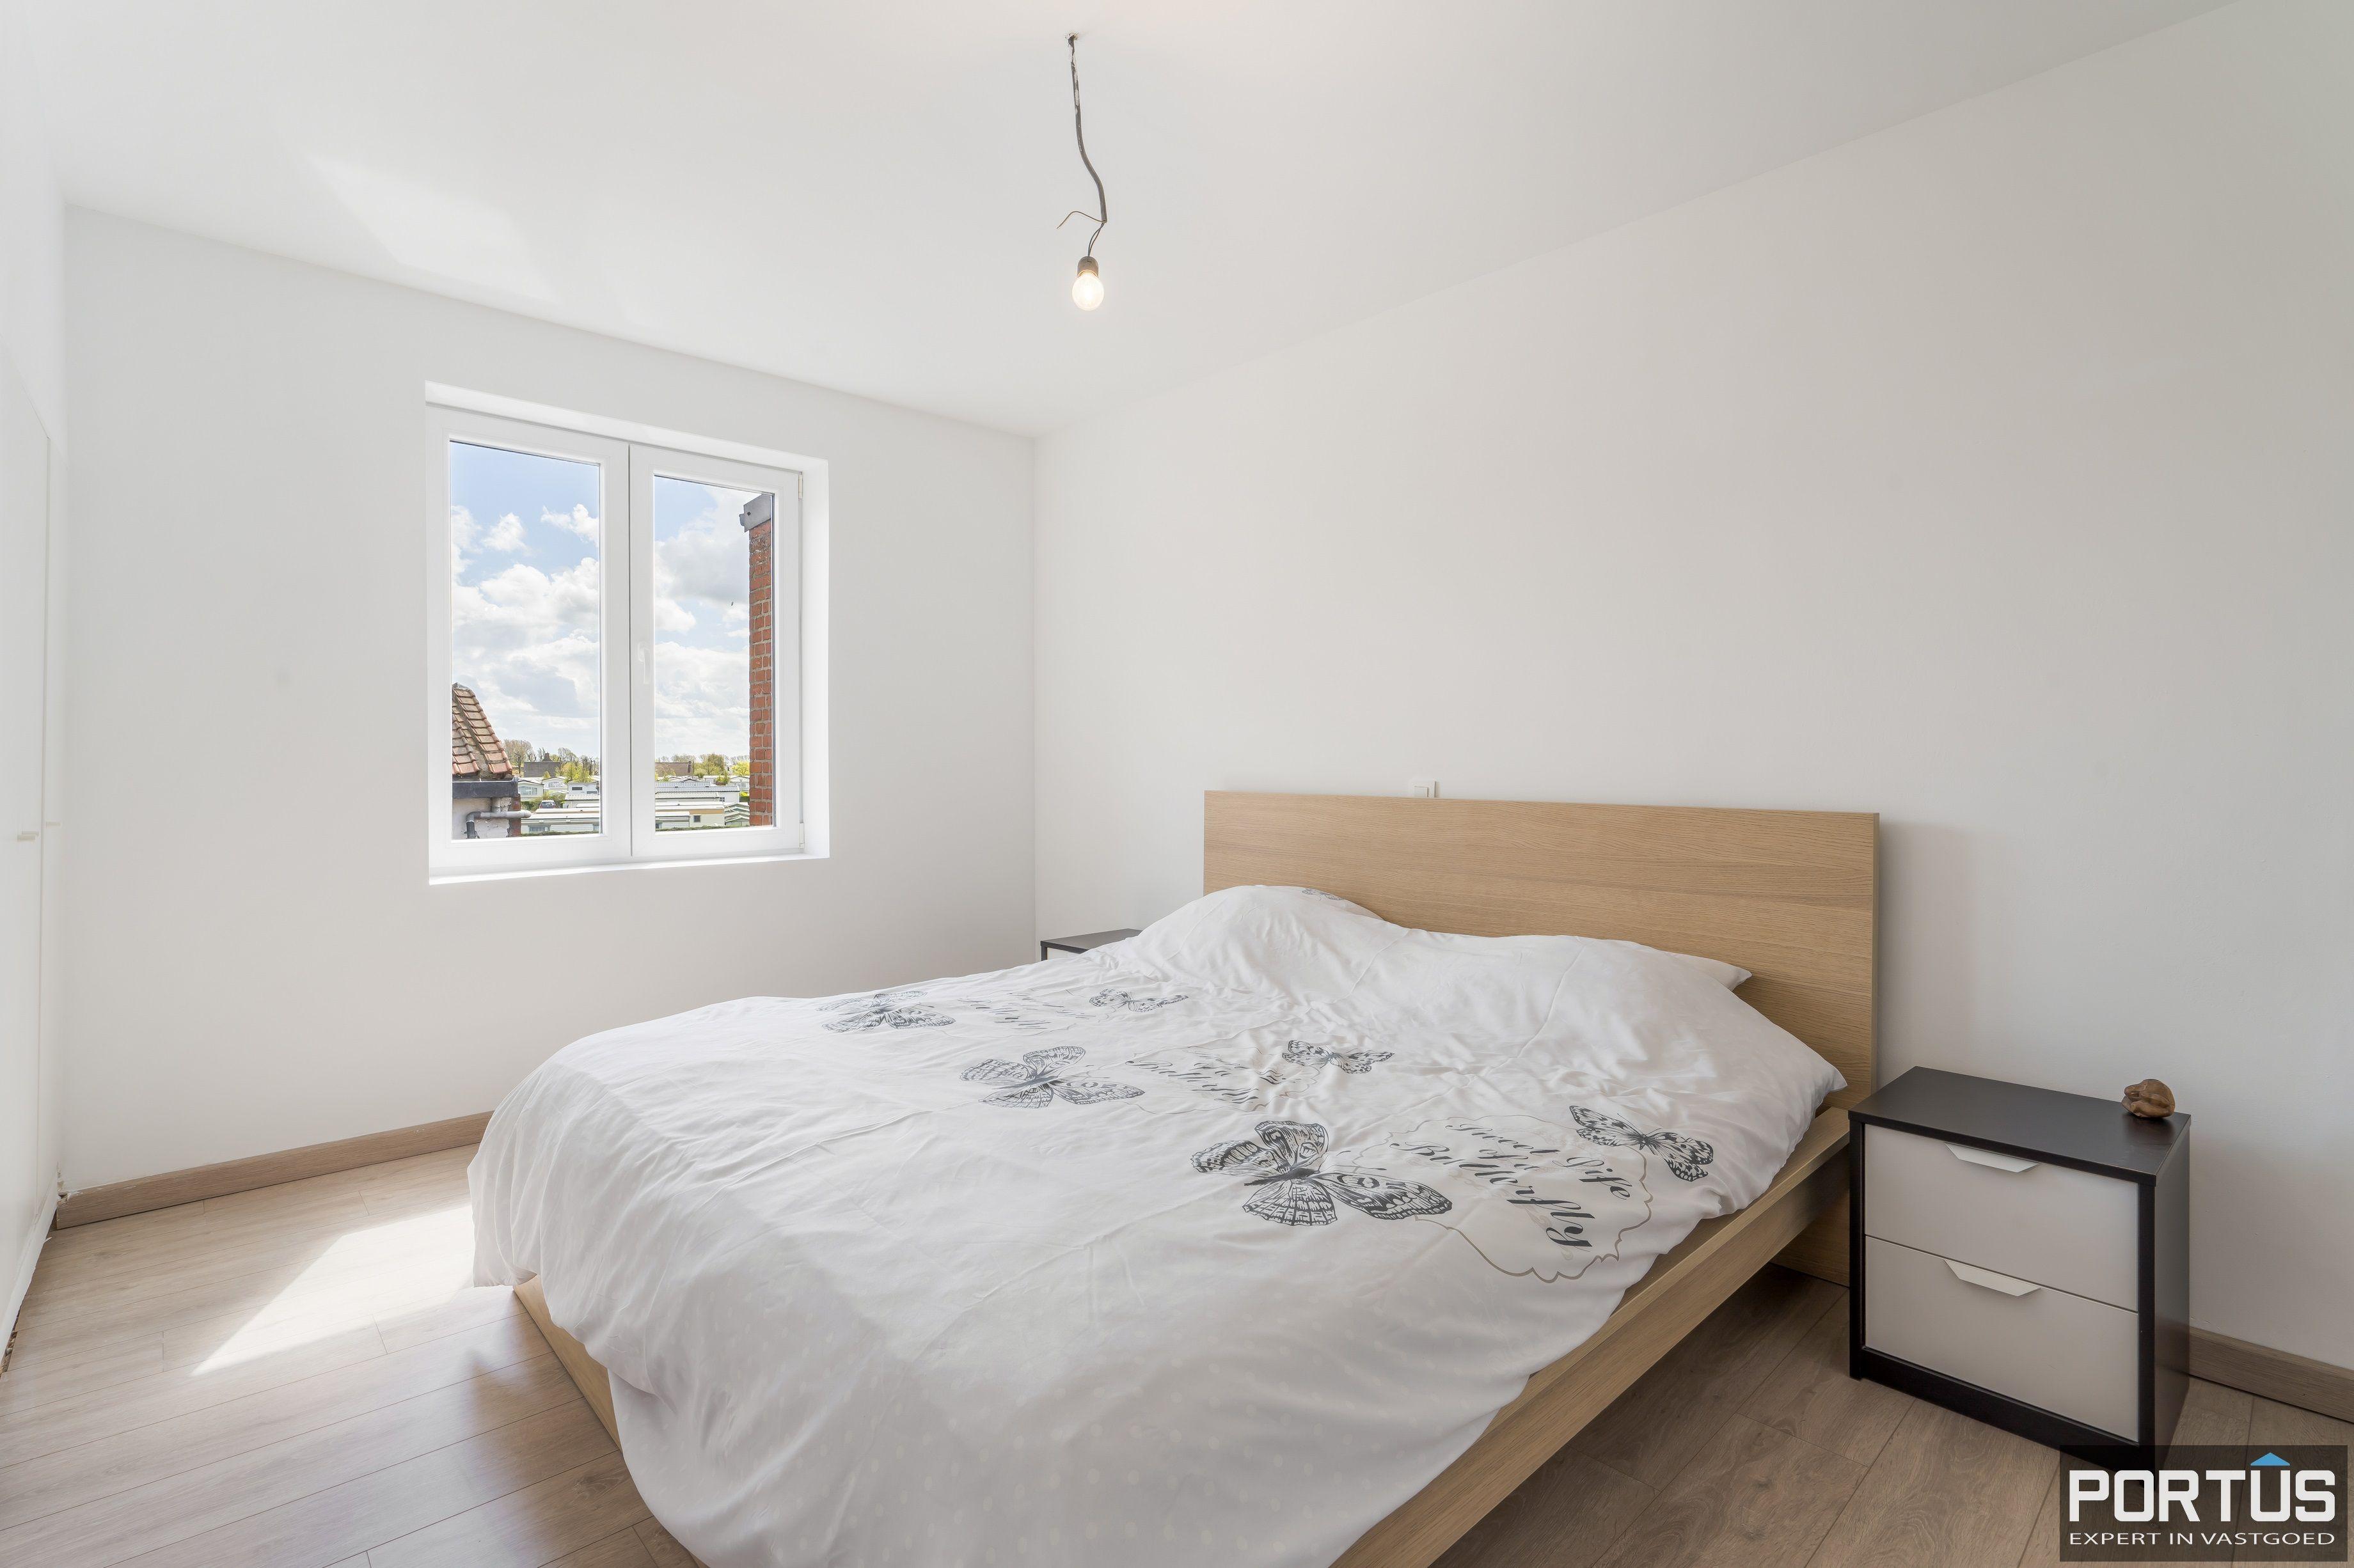 Appartement met 3 slaapkamers te koop te Westende - 13517